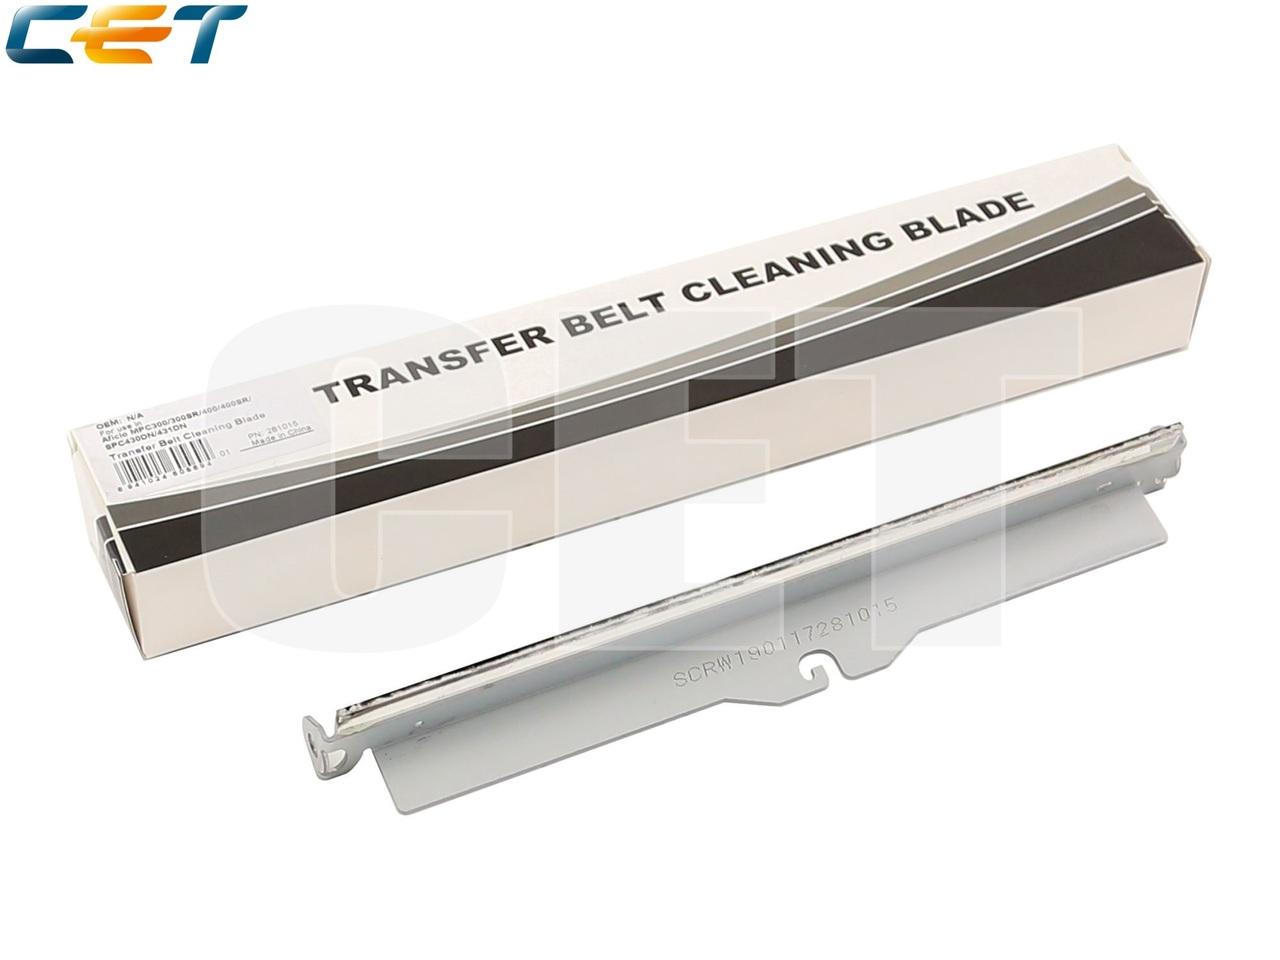 Лезвие очистки ленты переноса для RICOH AficioSPC430DN/431DN/MPC300/400 (CET), CET281015